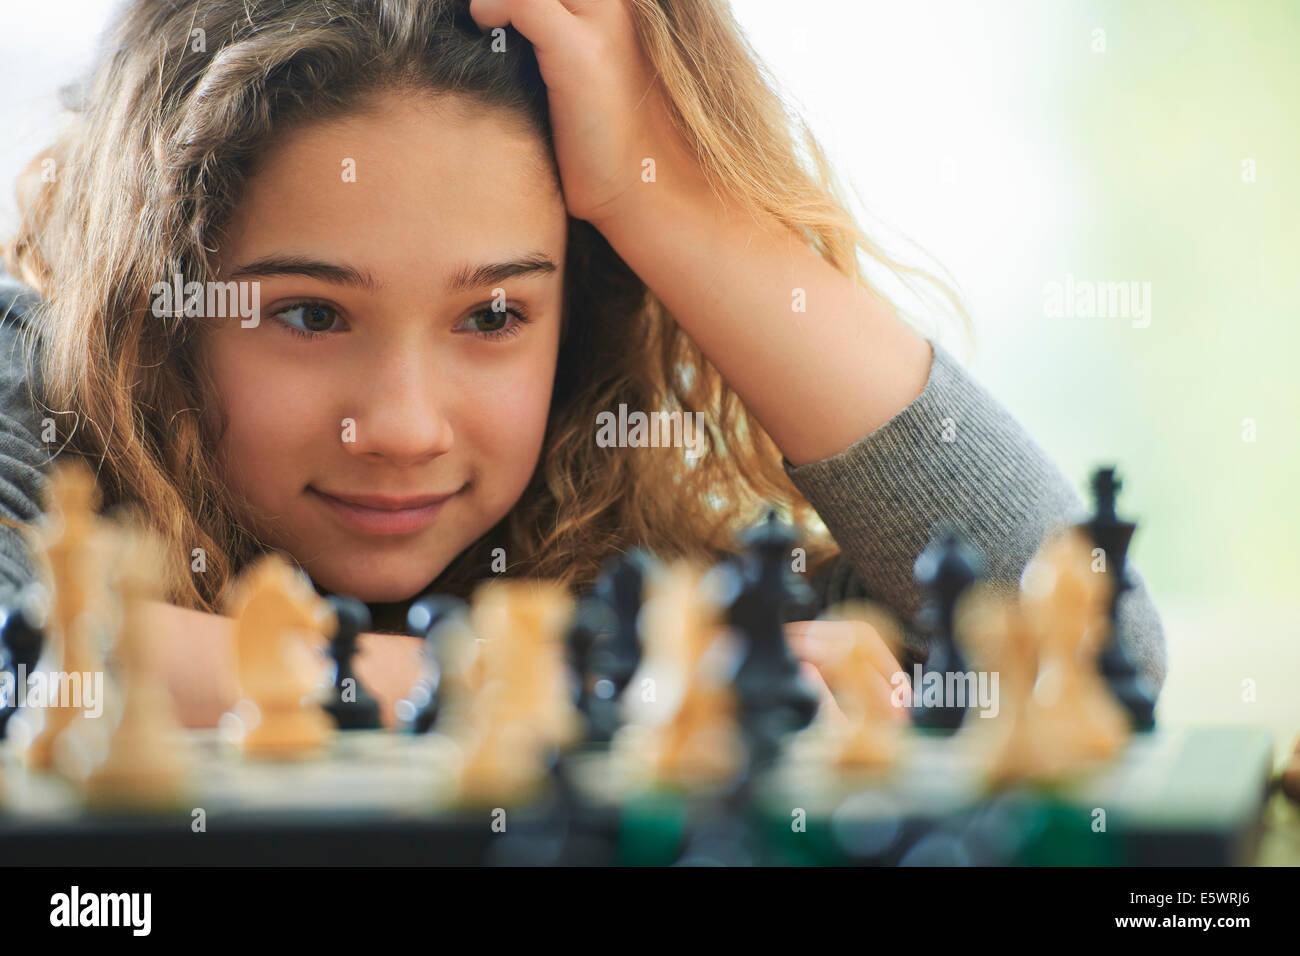 Ritratto di giovane ragazza che gioca a scacchi Immagini Stock